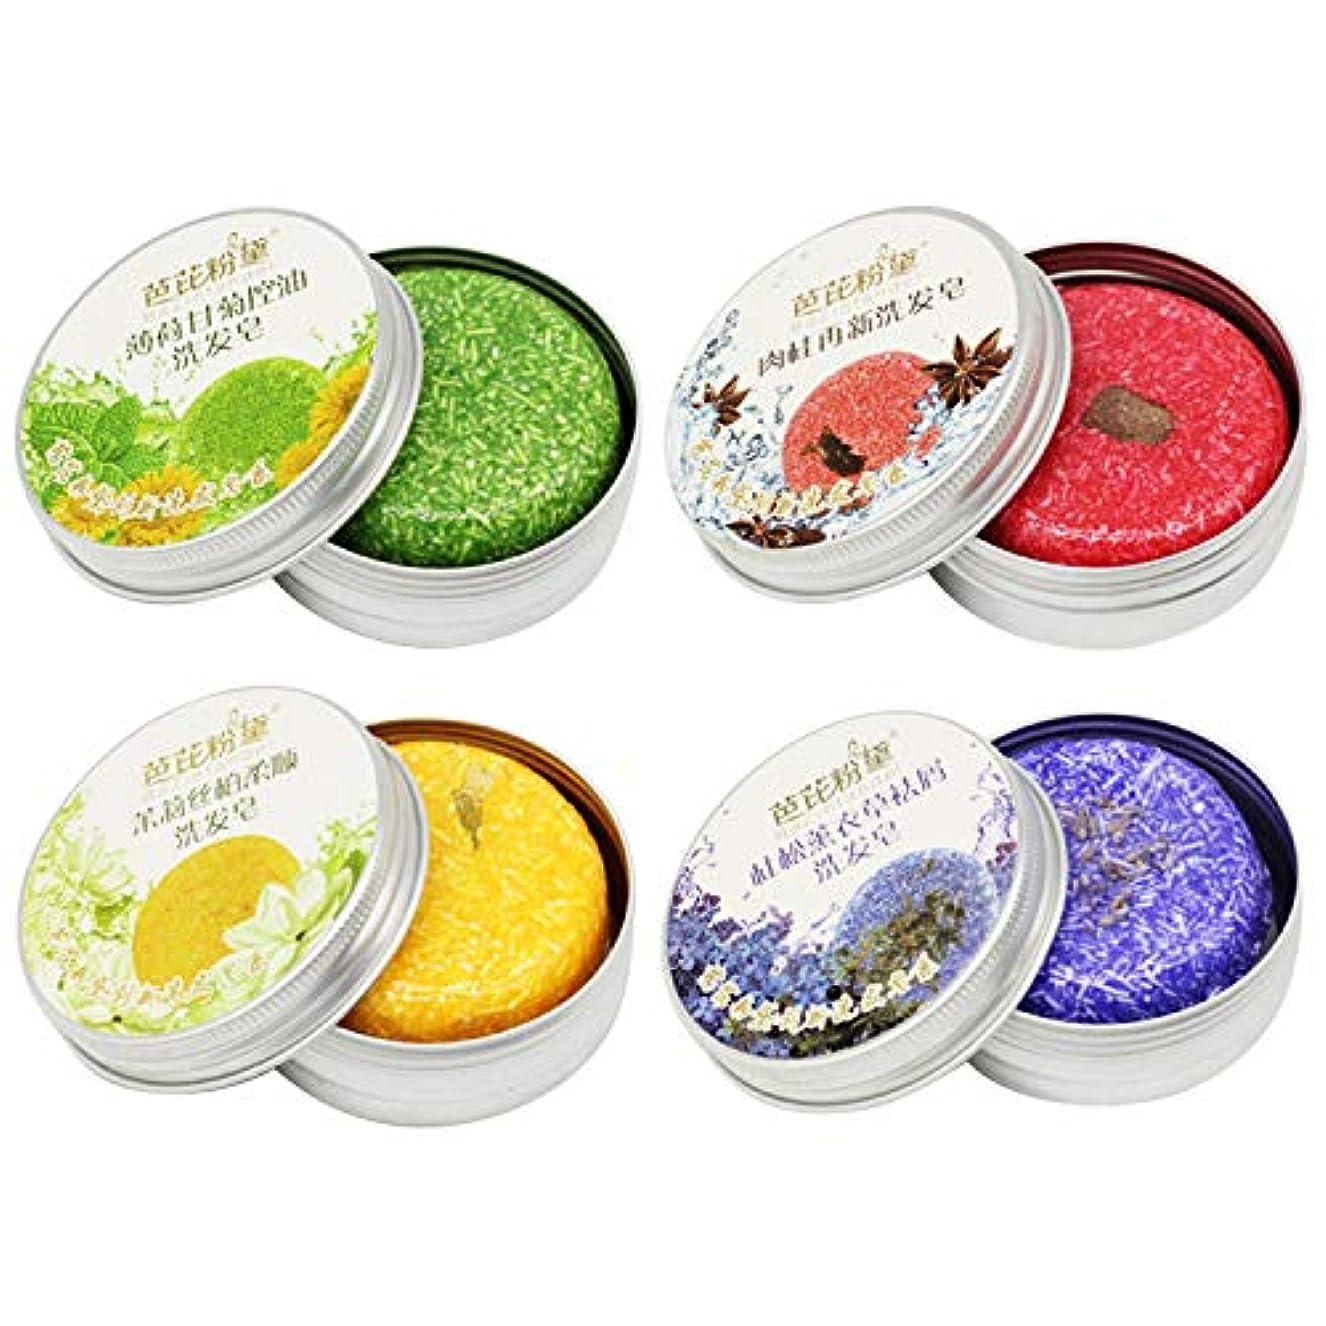 程度トレイ洗剤Migavann 4本天然ジャスミンシナモンラベンダーペパーミント植物ヘアシャンプーバー